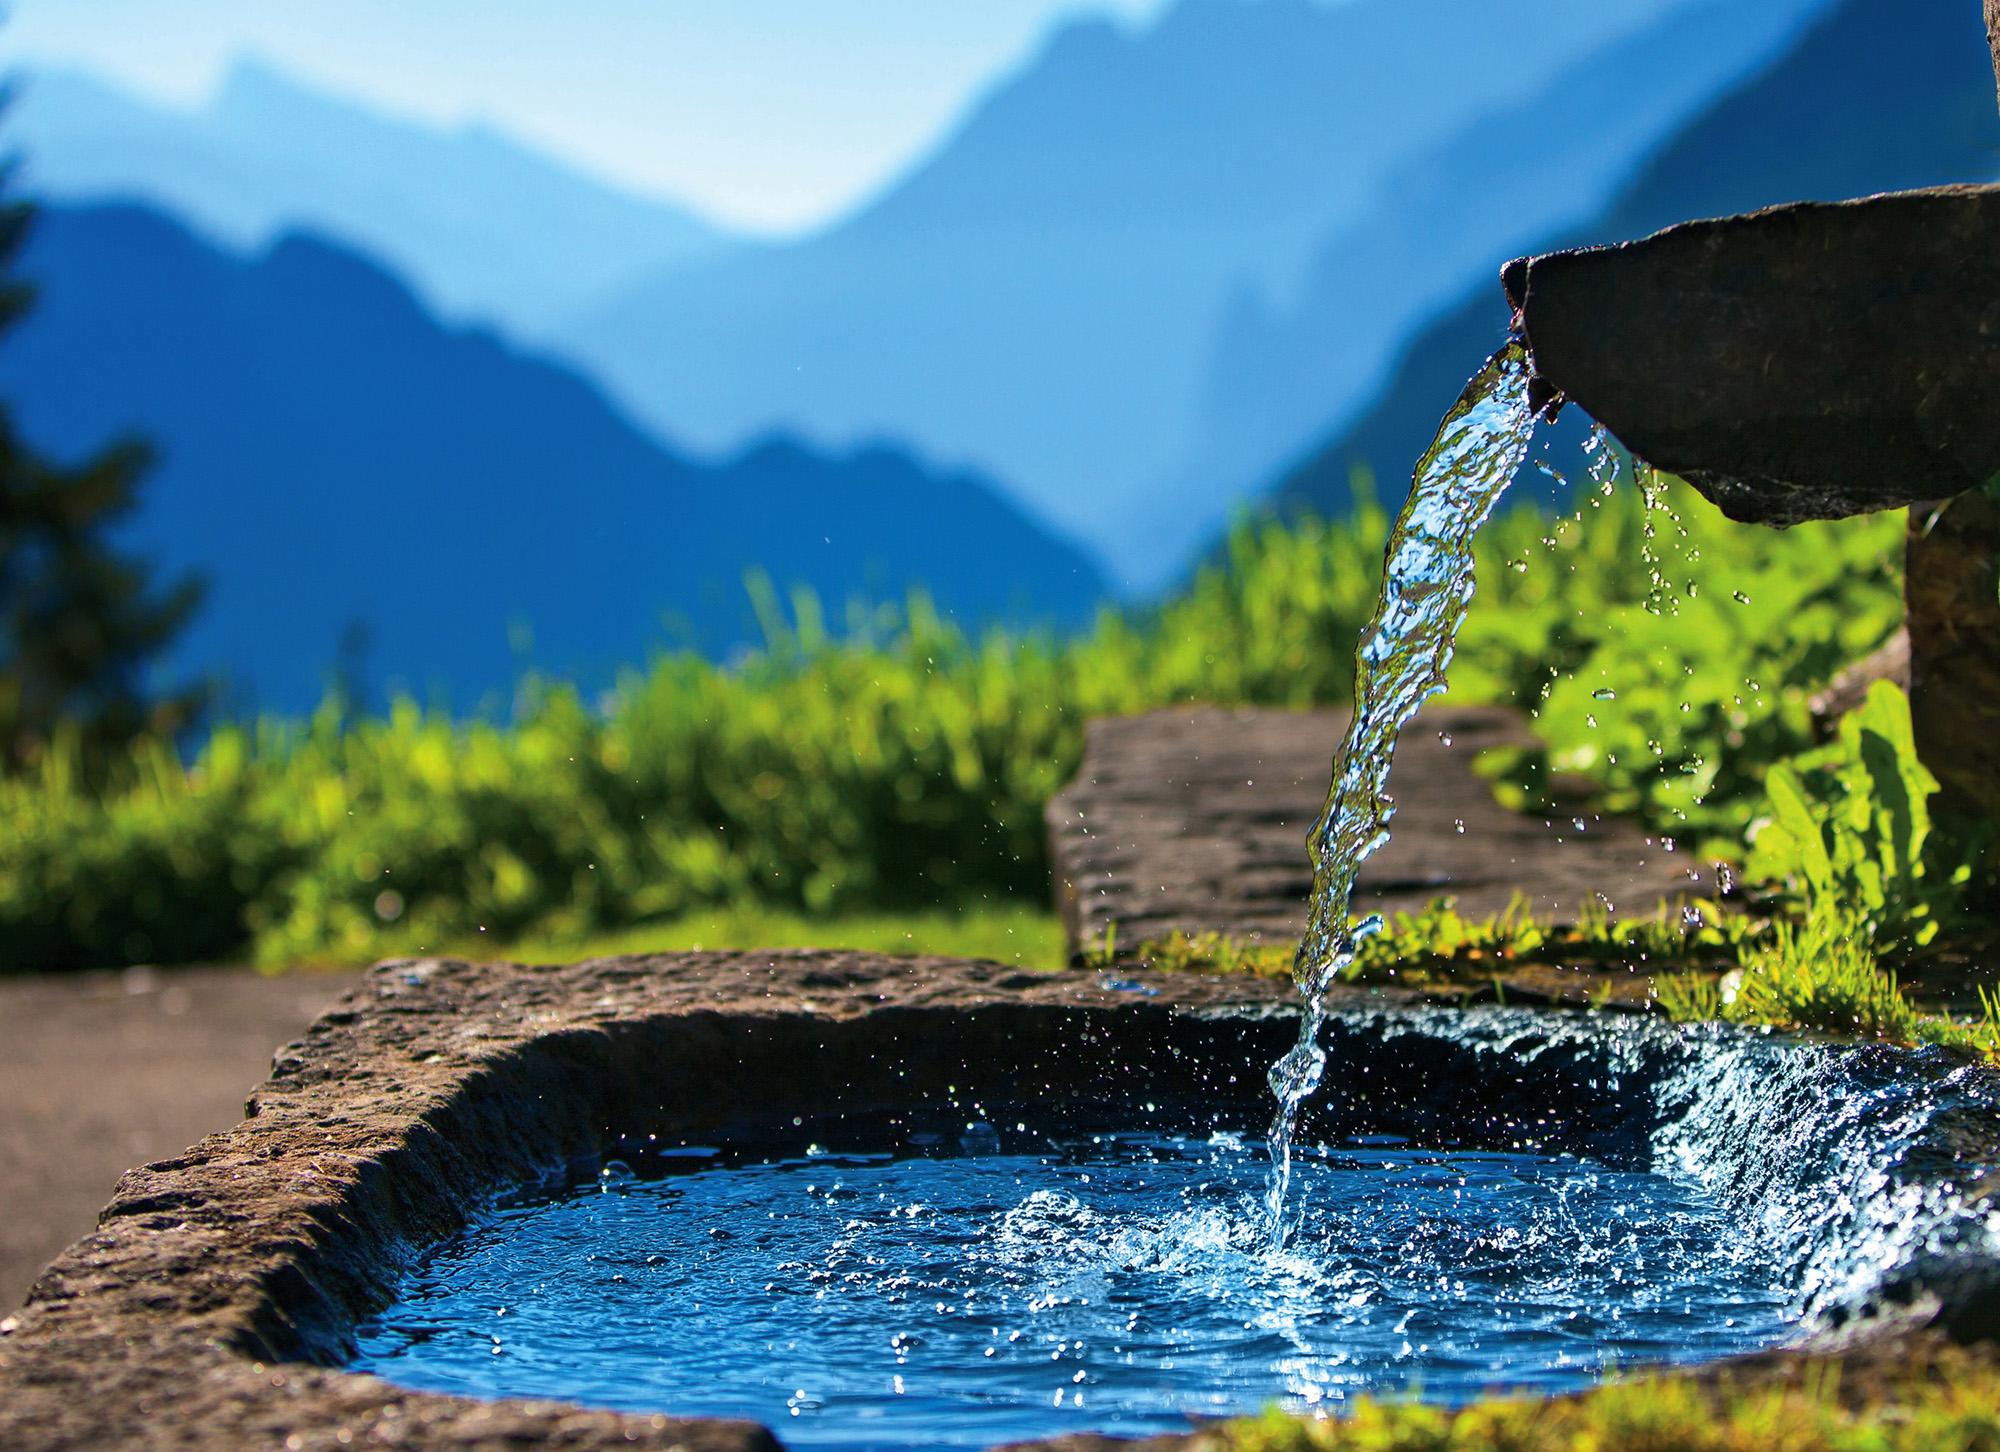 вода для жизни фото хотели сделать свободные